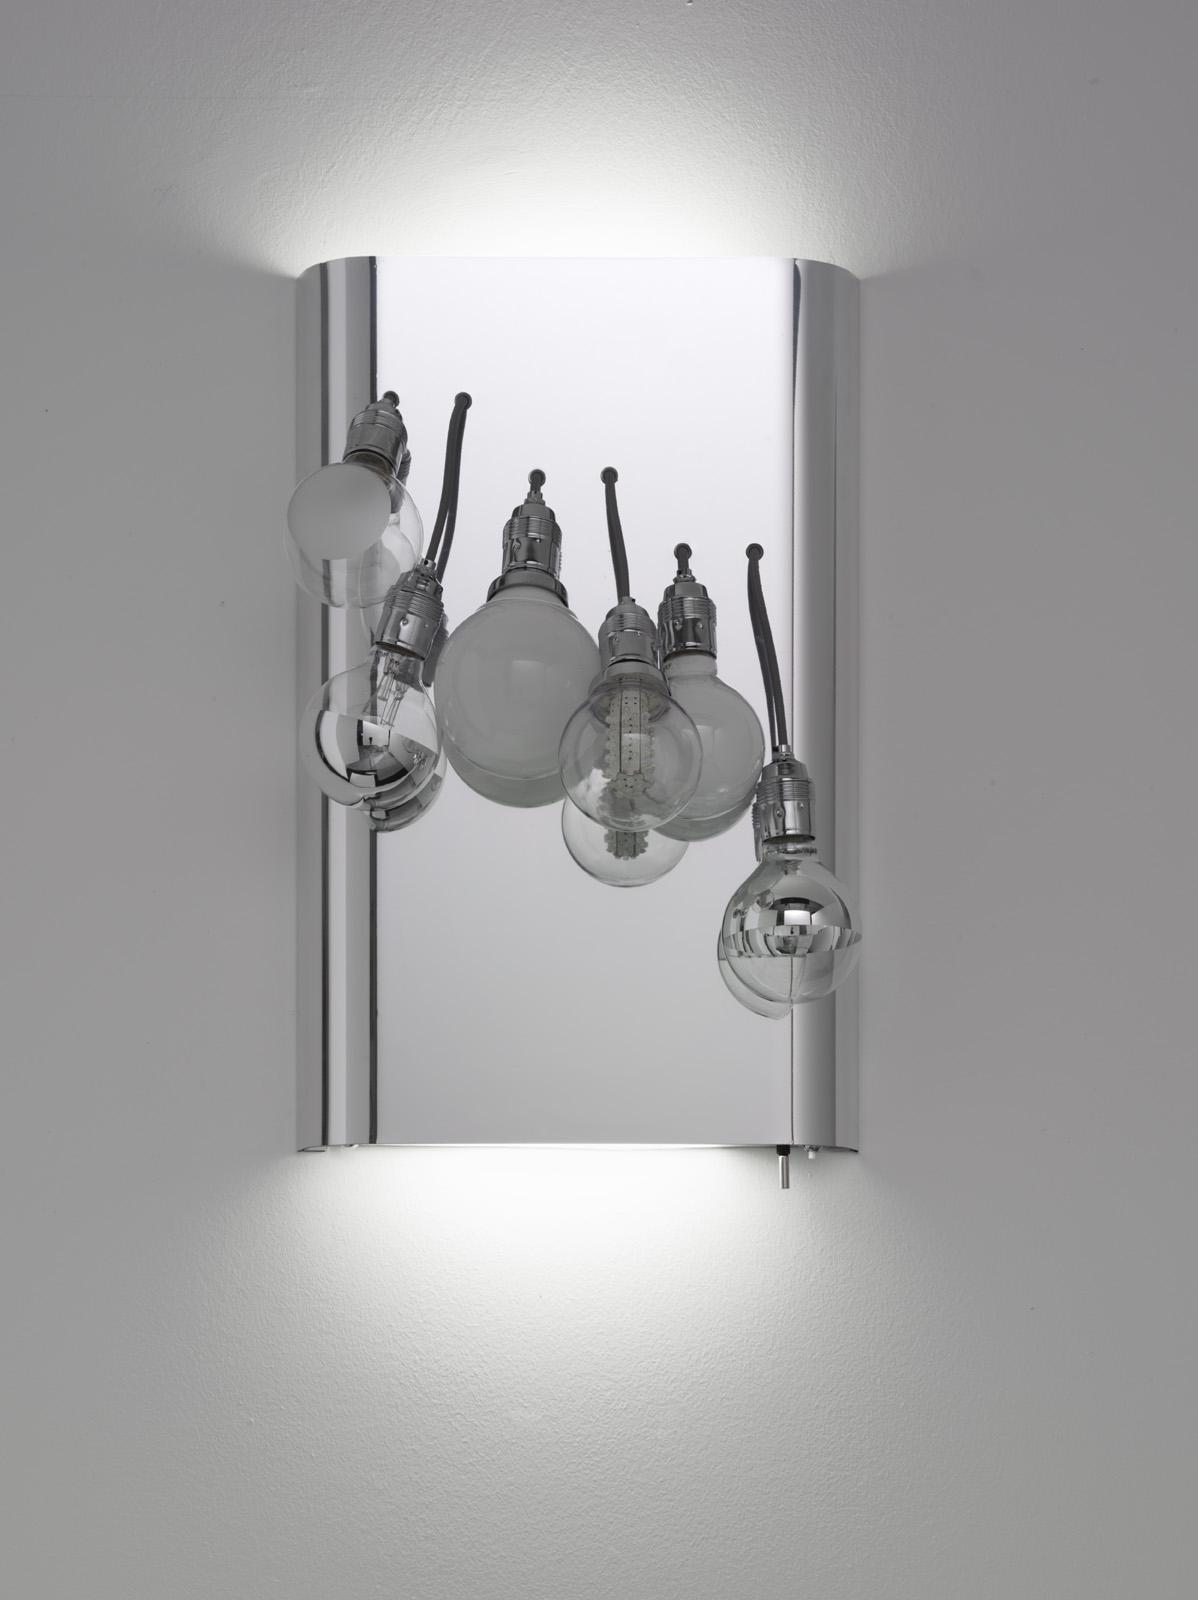 Vesoi mi specchio 536 8 lampada da parete lampade da muro - Lampade da specchio ...